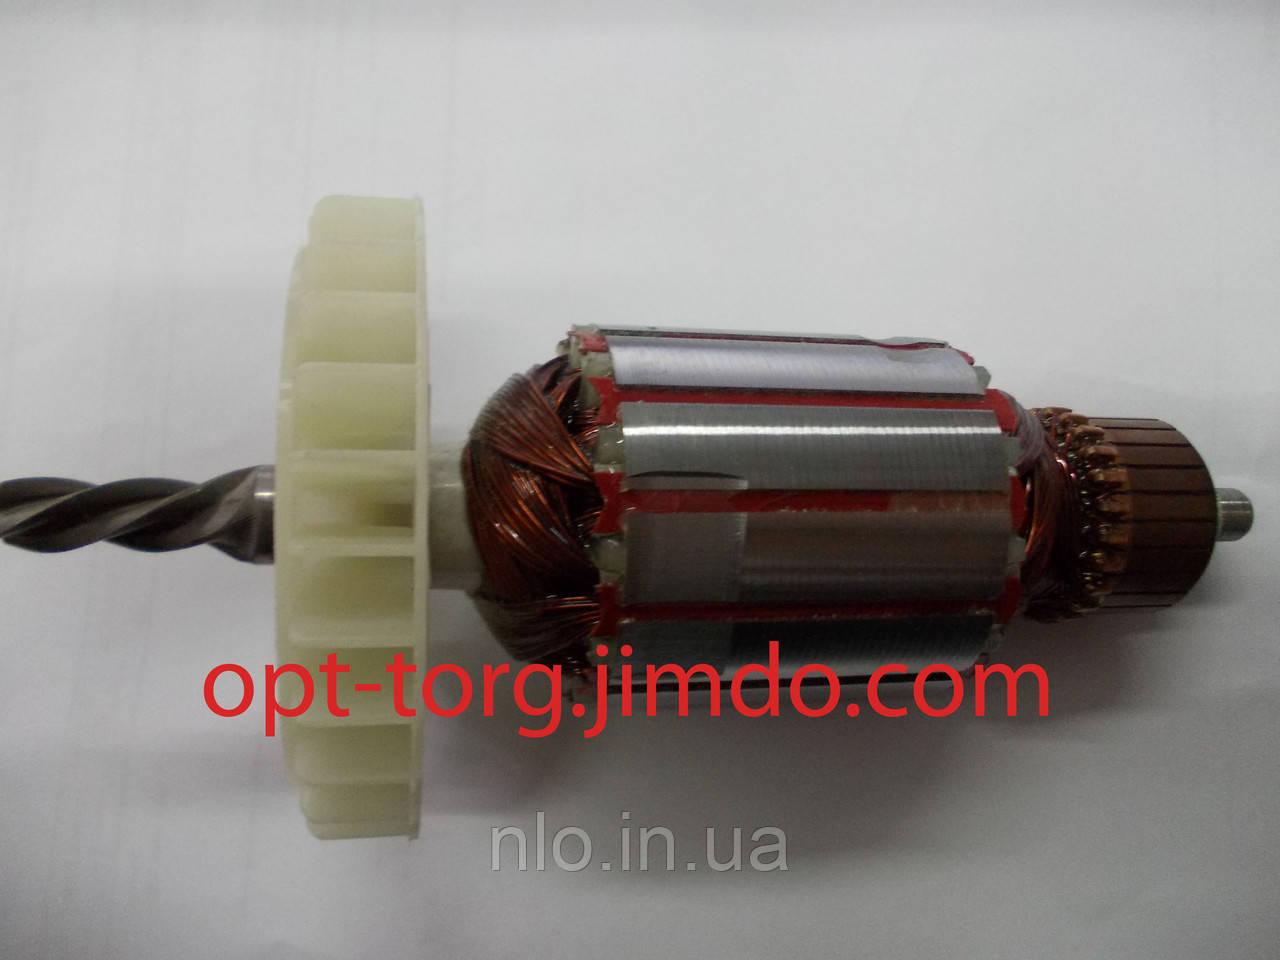 Якір перфоратора бочкового типу ЗПП 1650 профі MAX (166х48 4 з ліво)